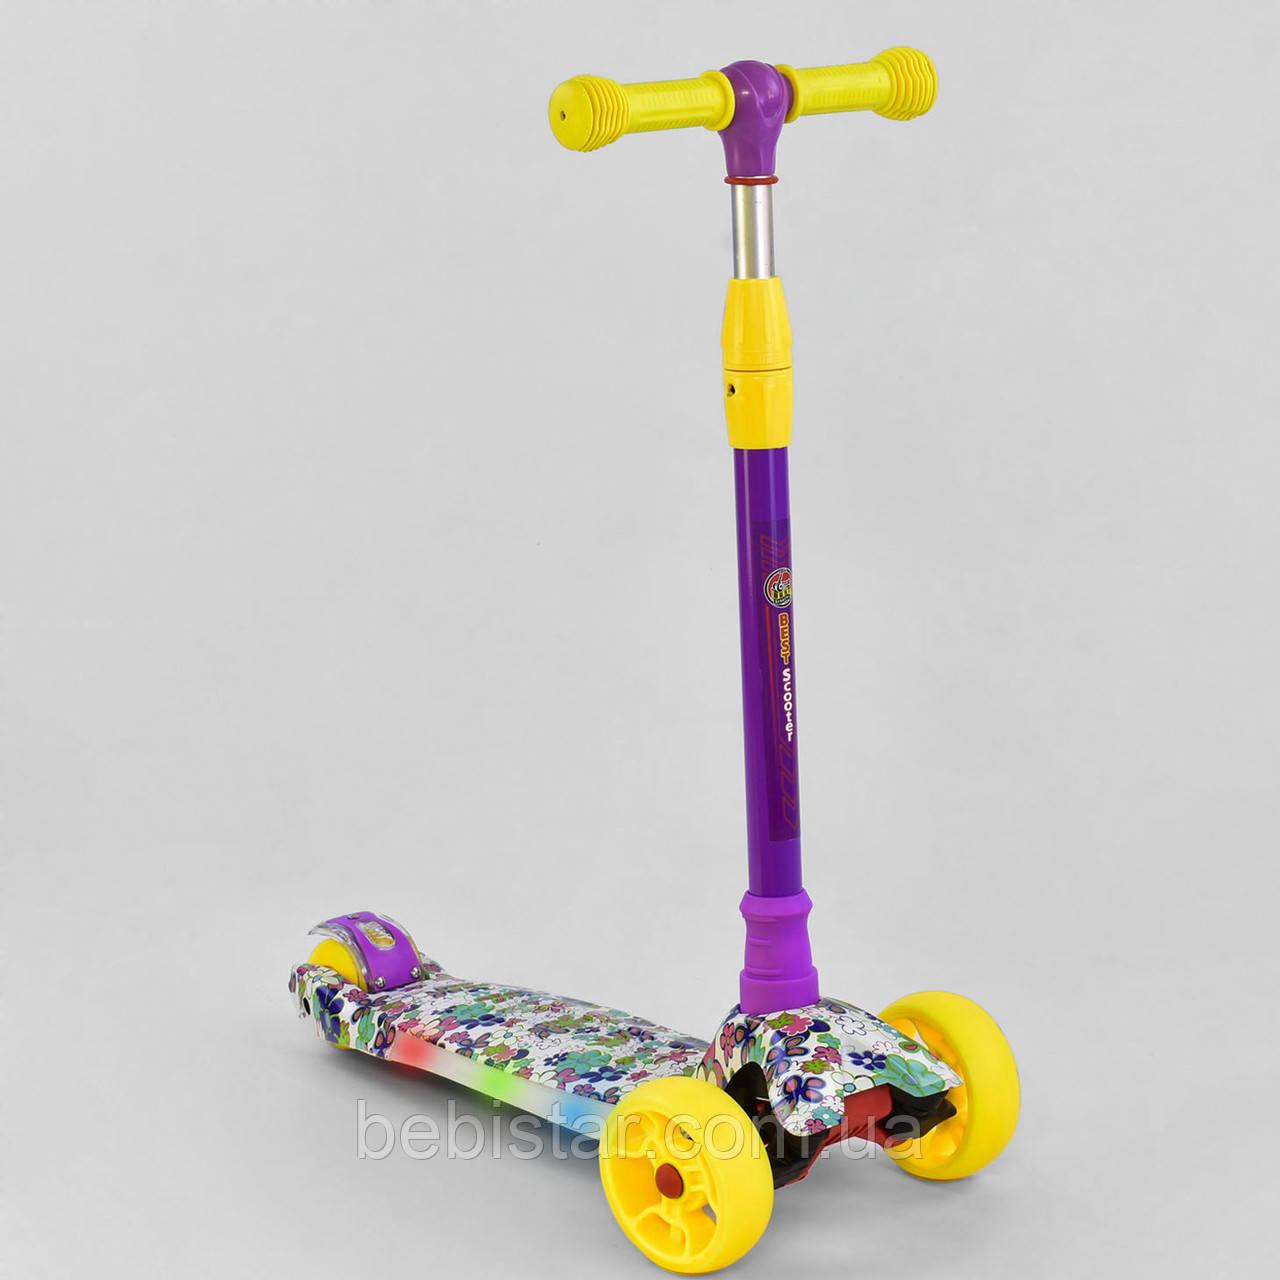 Трехколесный самокат фиолетовый четыре колеса с подсветкой платформы и светящимися колесами деткам от 3 лет